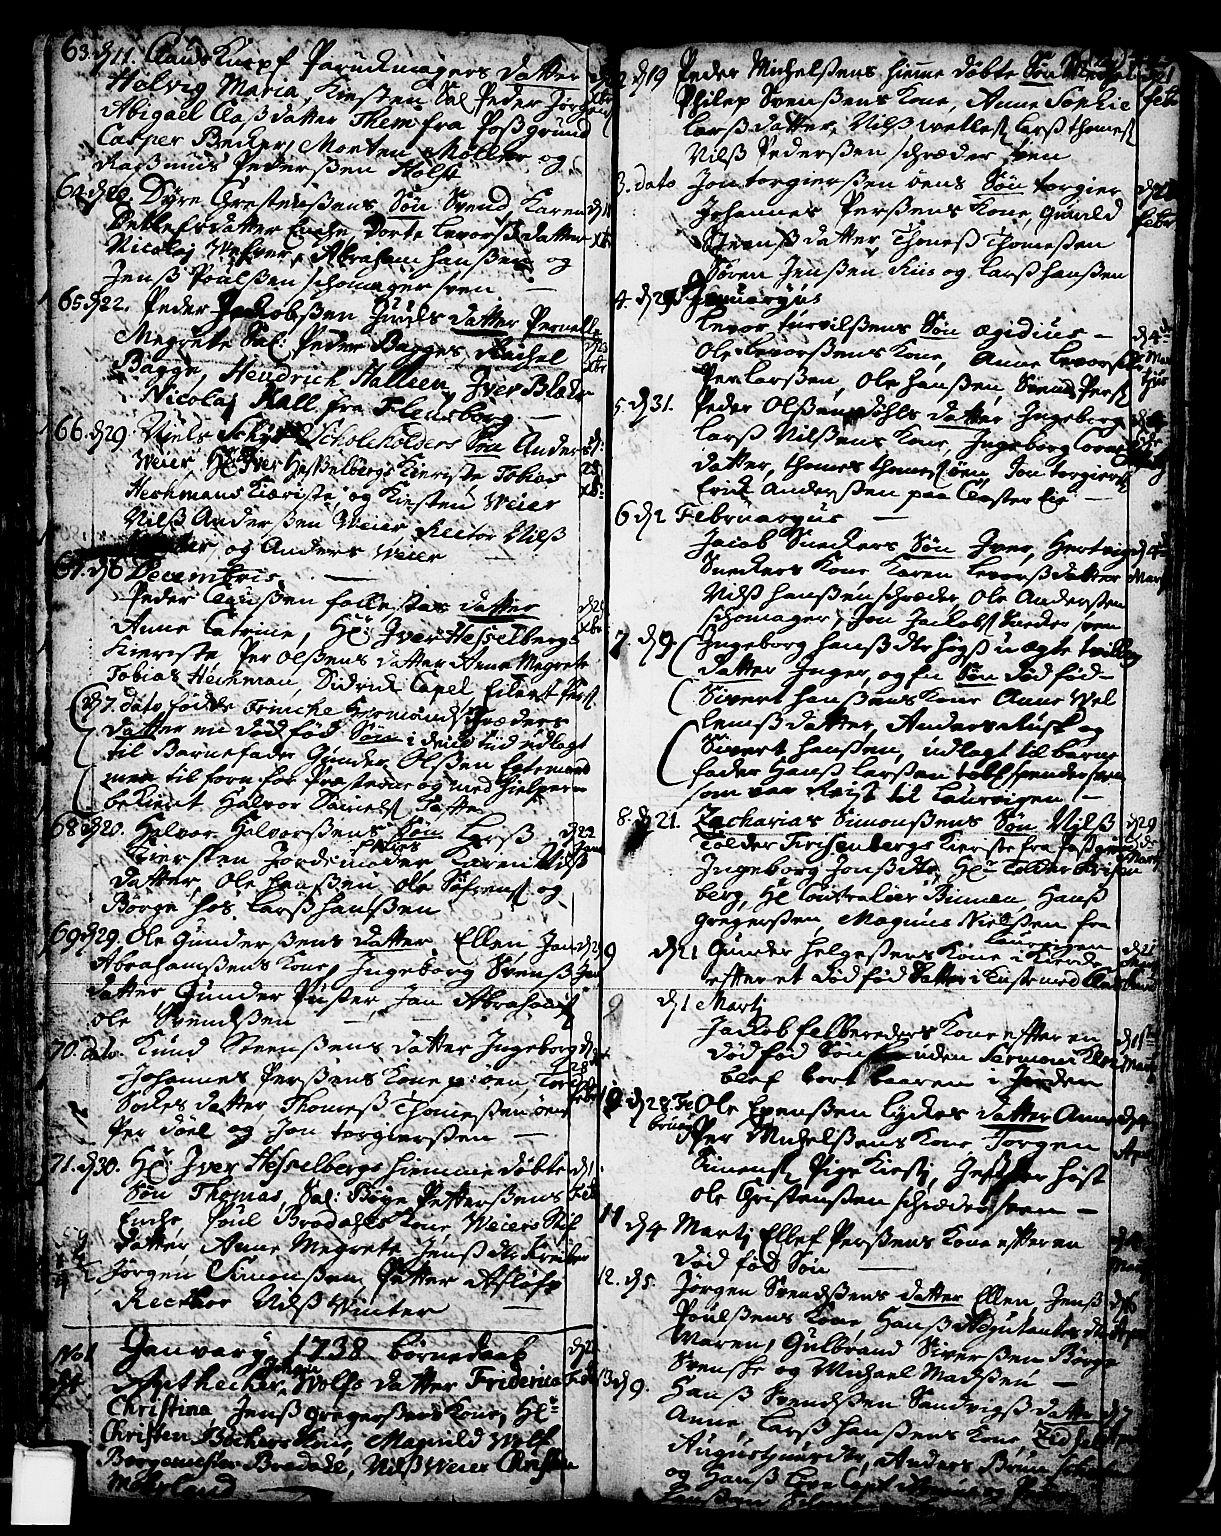 SAKO, Skien kirkebøker, F/Fa/L0002: Ministerialbok nr. 2, 1716-1757, s. 122